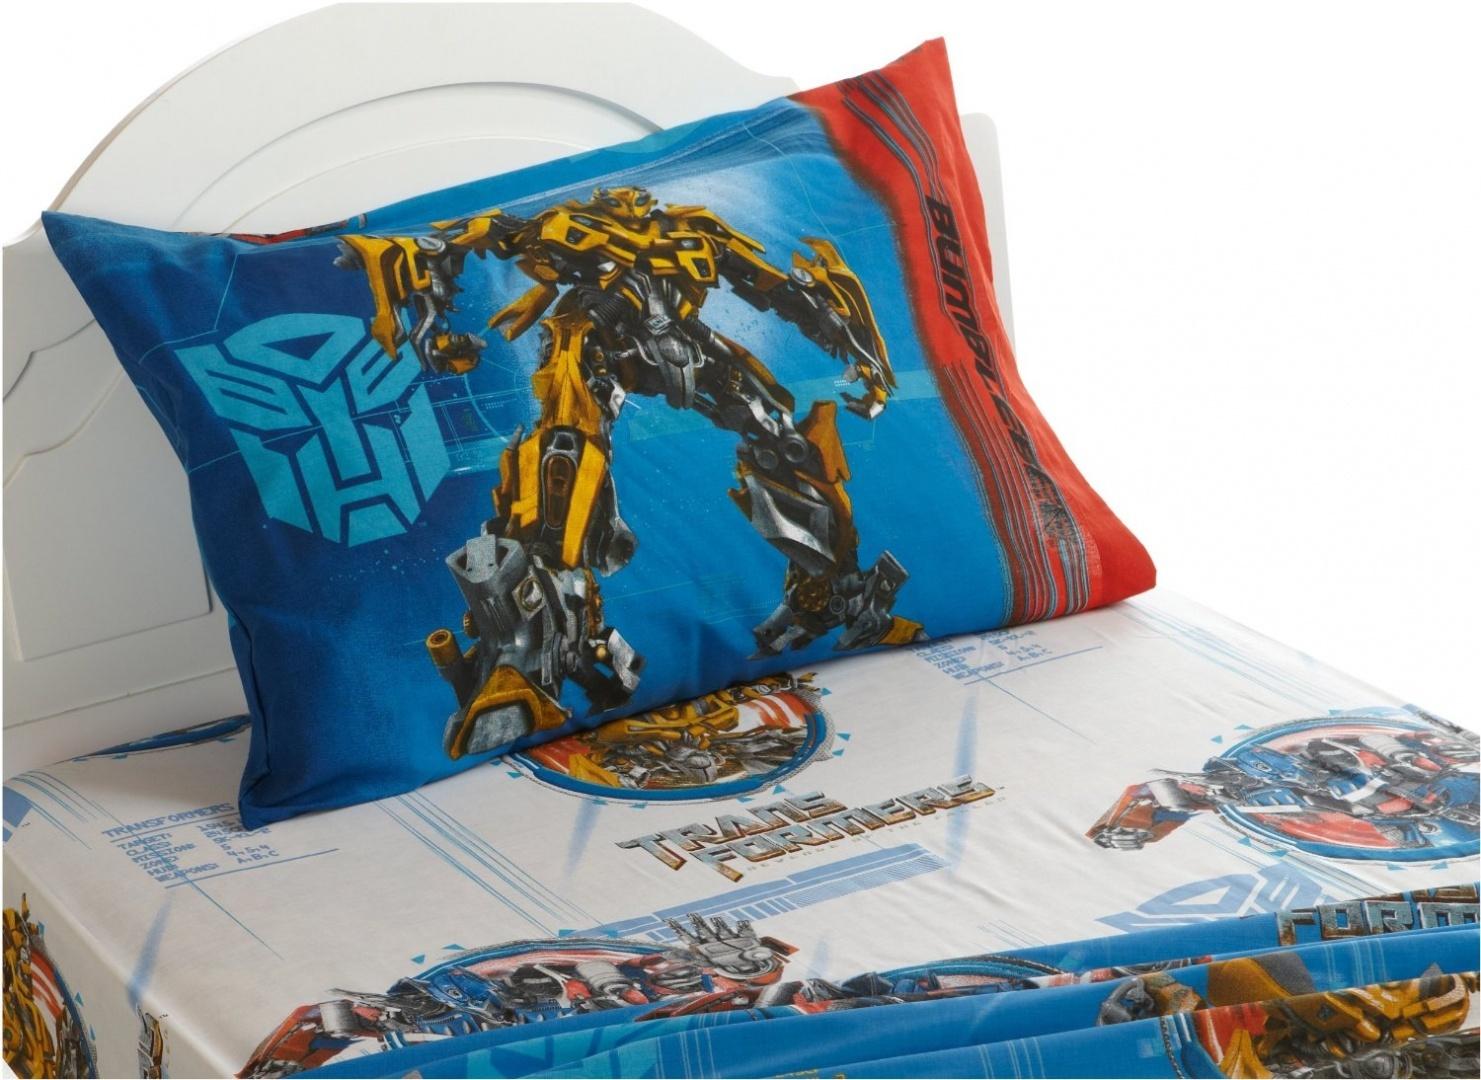 292da2e76949 transformers bed set Homeware  Buy Online from Fishpond.com.au